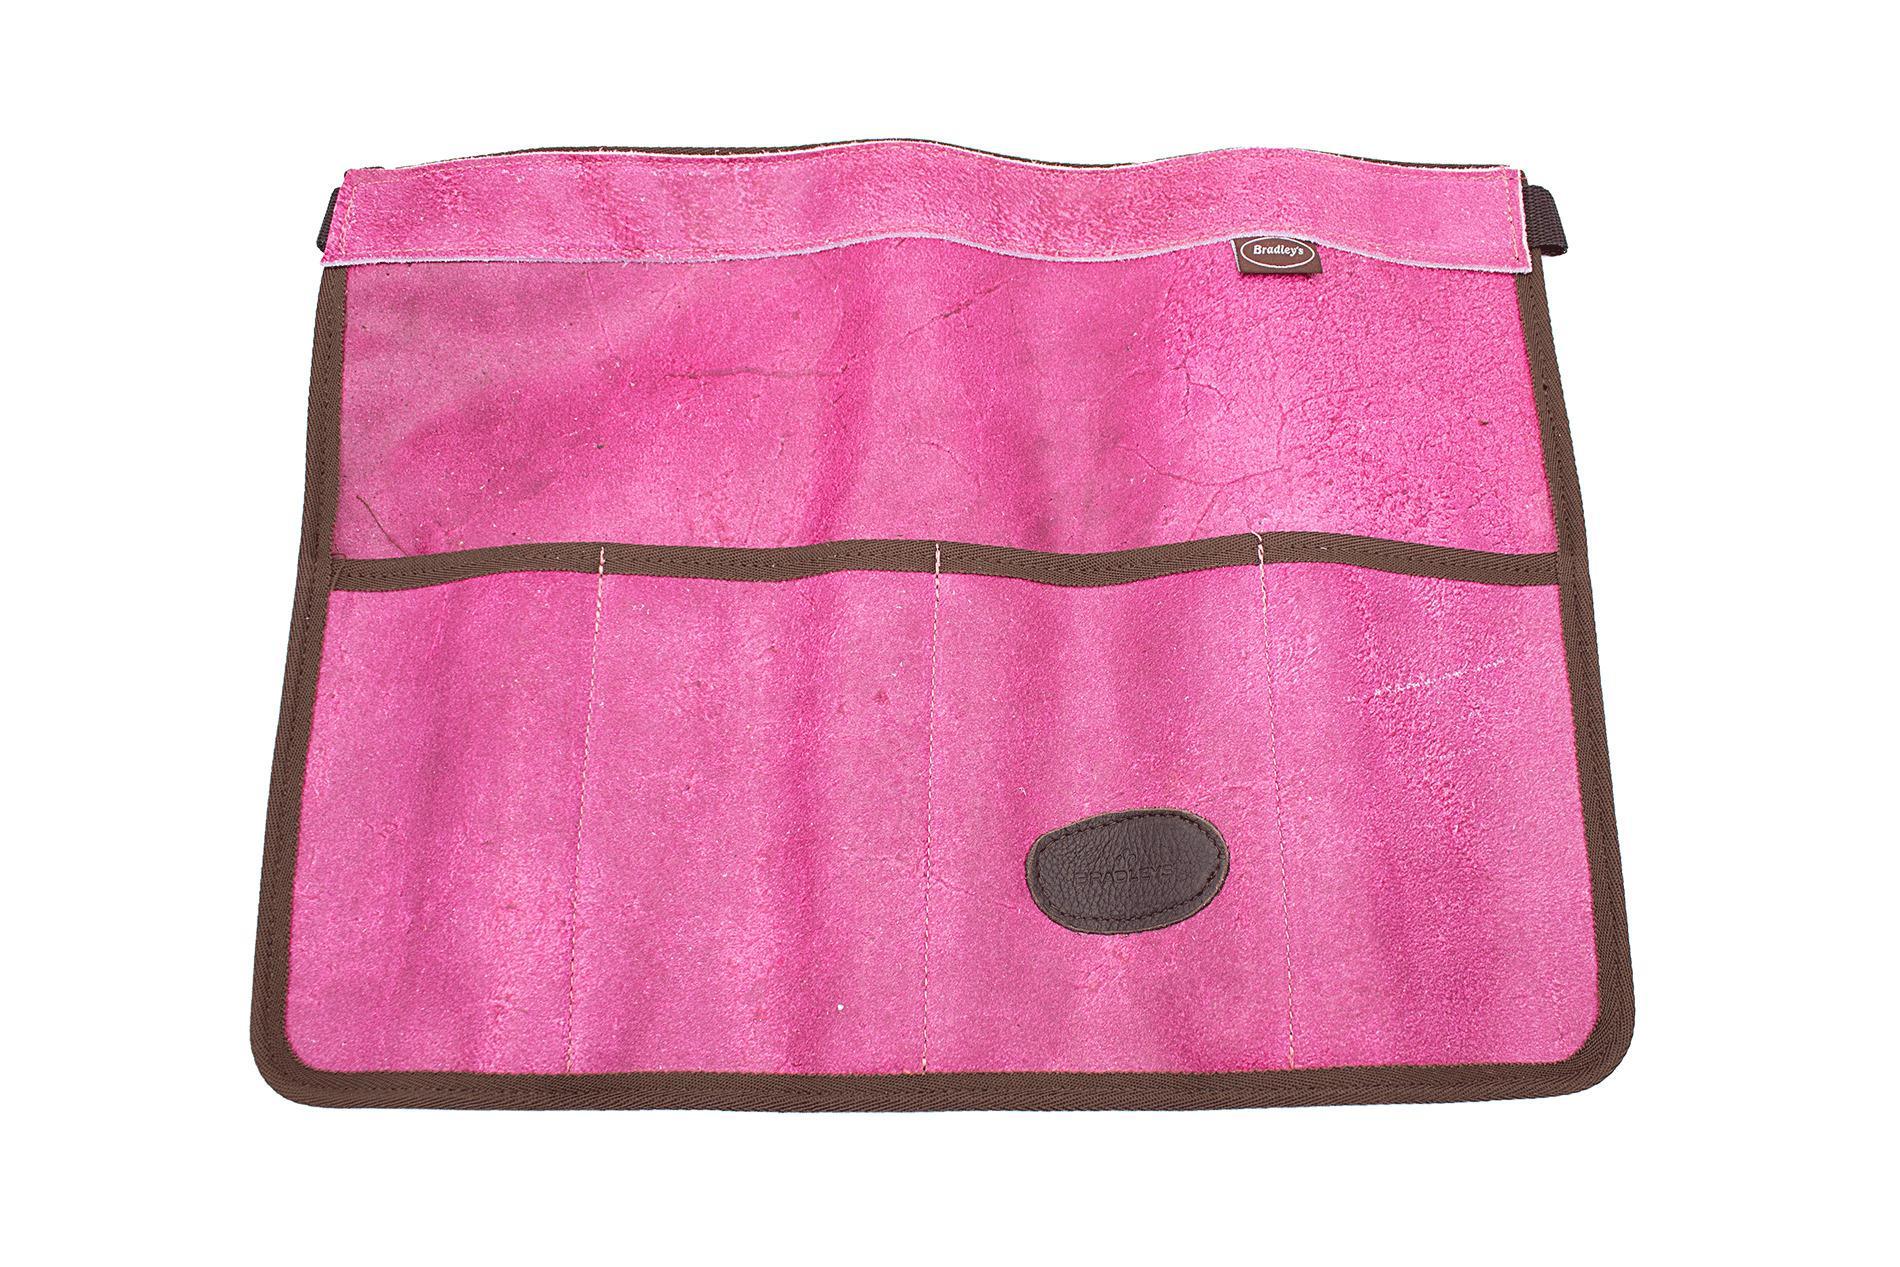 BRADLEYS Halbschürze als Werkzeughalter, Glattleder, pink